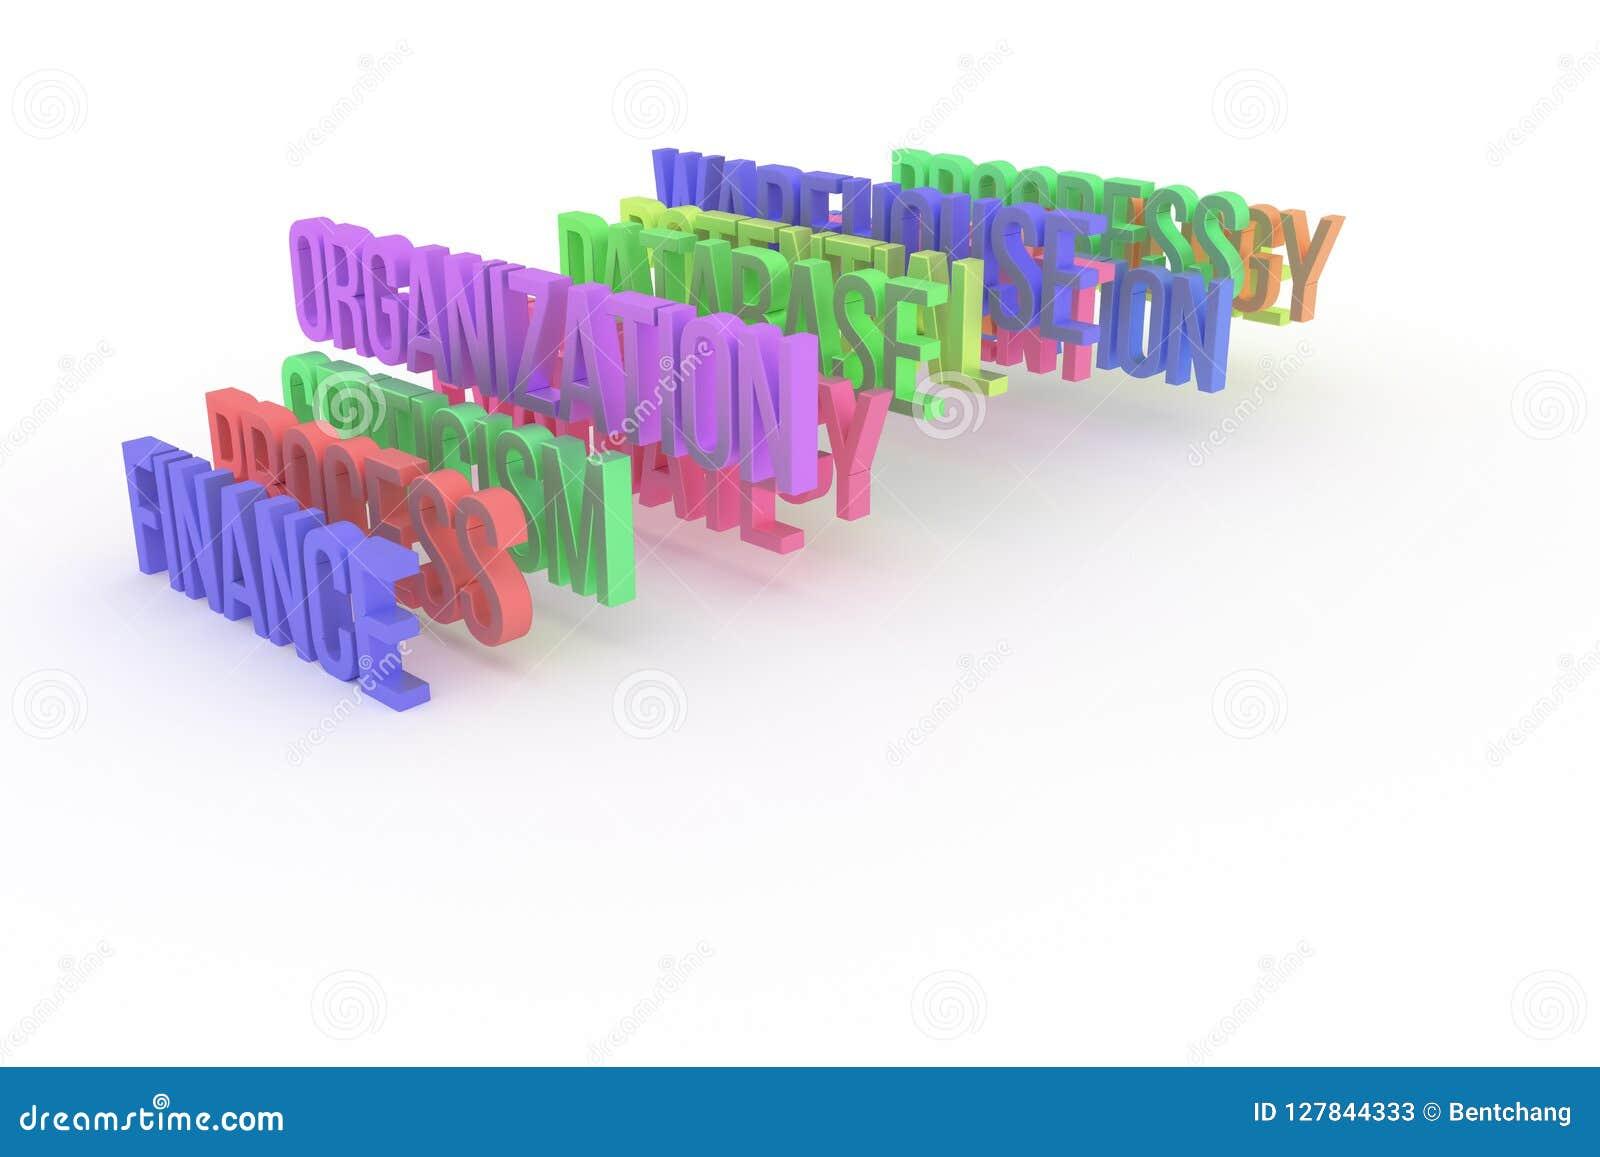 Организация & финансы, слова 3D дела схематические красочные Название, стиль, иллюстрация & сообщение